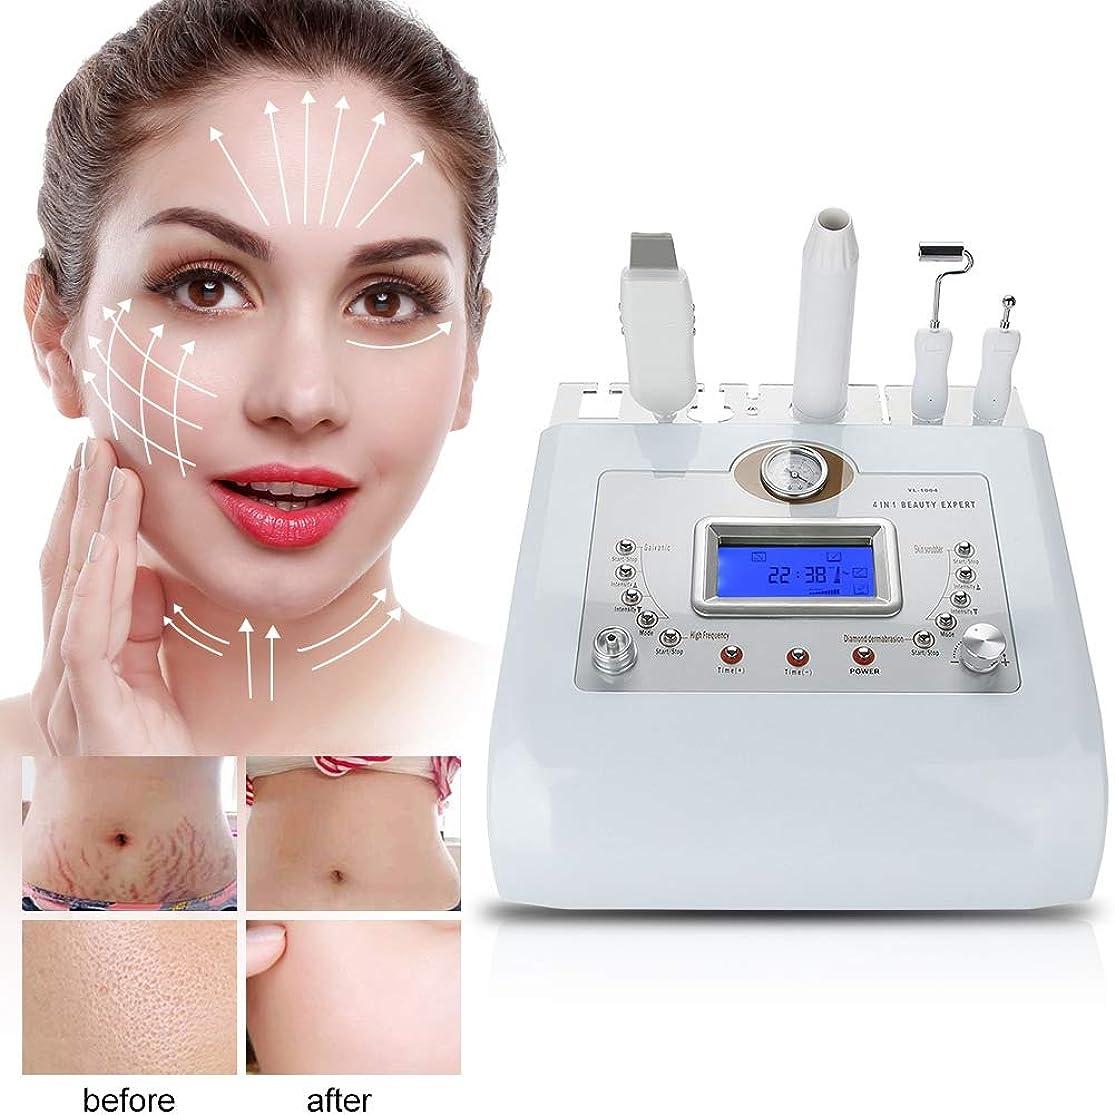 障害者倫理サンプル4-in-1ダイヤモンド皮膚剥離美容機、SPA用美容室用機器トナー、RF +超音波+スキンスクラバー+ EMS電気治療 (白)